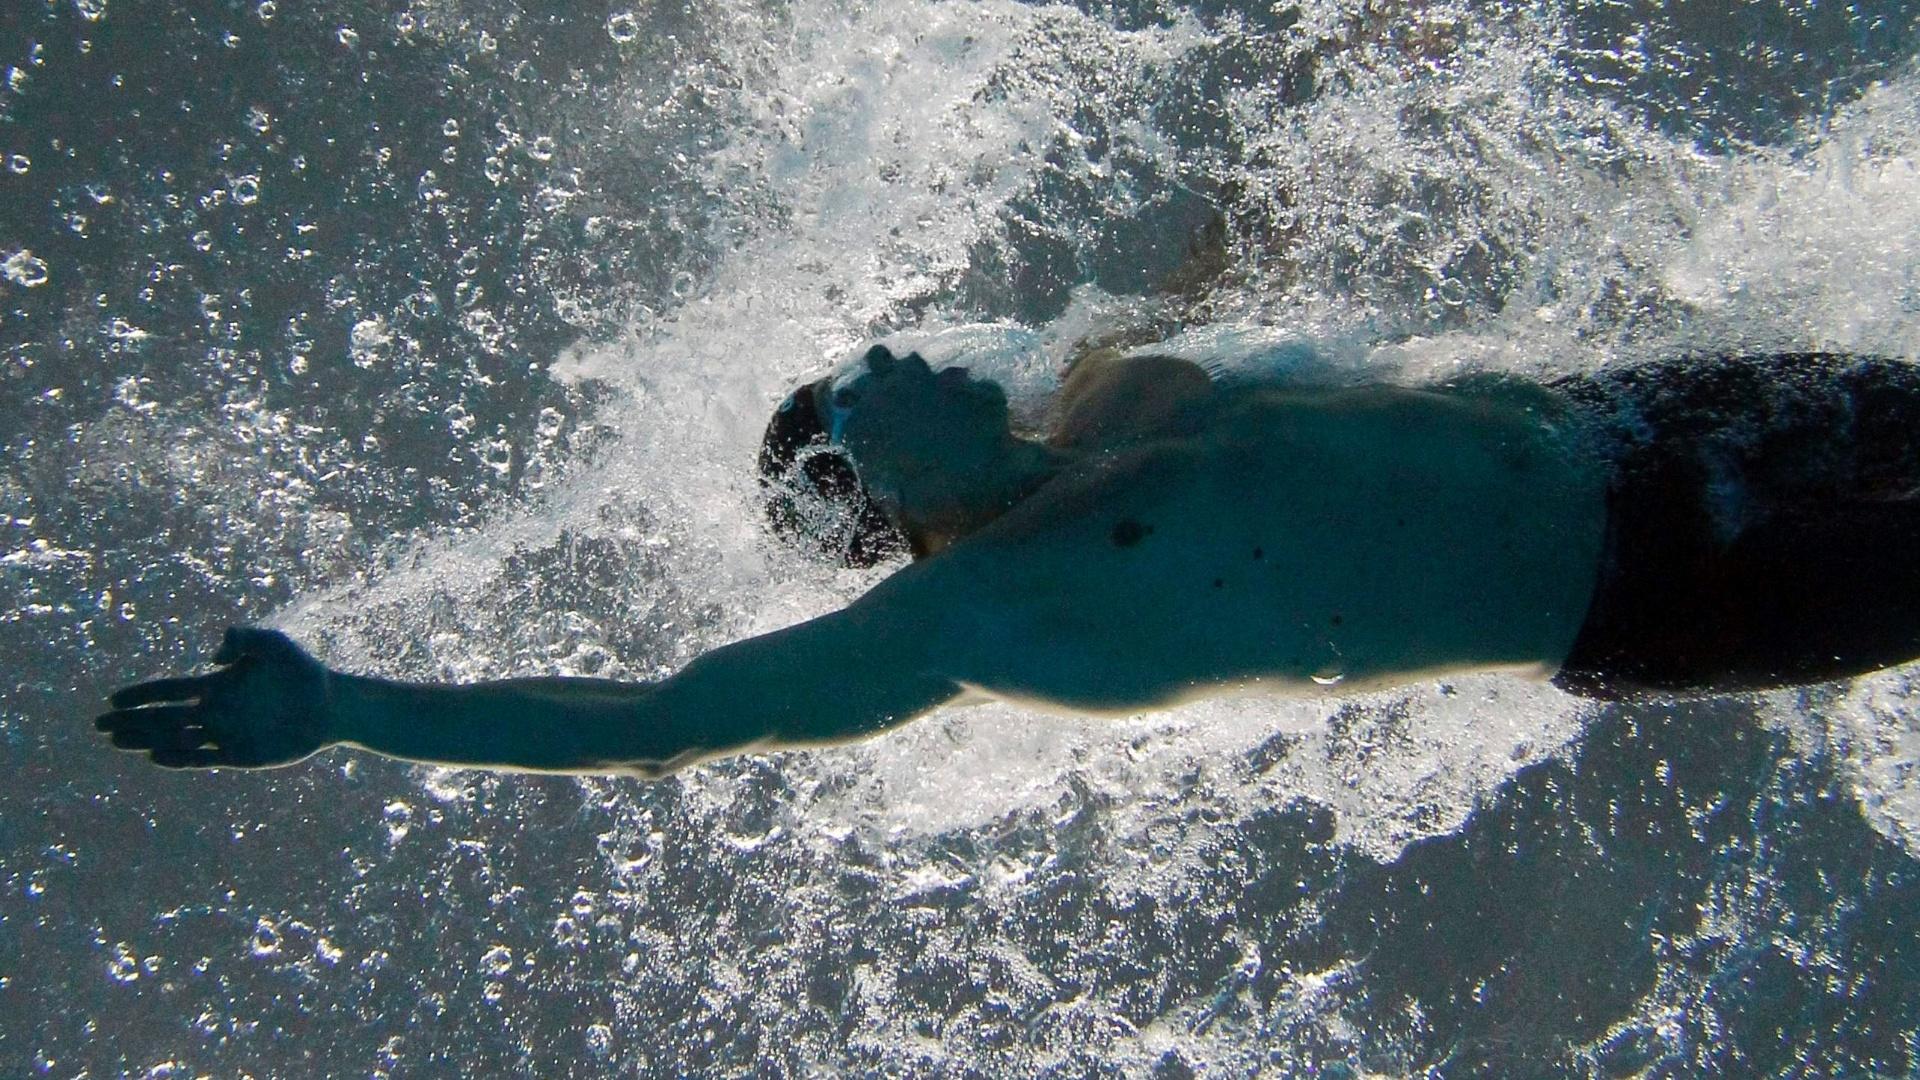 Cesar Cielo nada eliminatória dos 100m livre e consegue o melhor tempo para se garantir na final (16/10/2011)